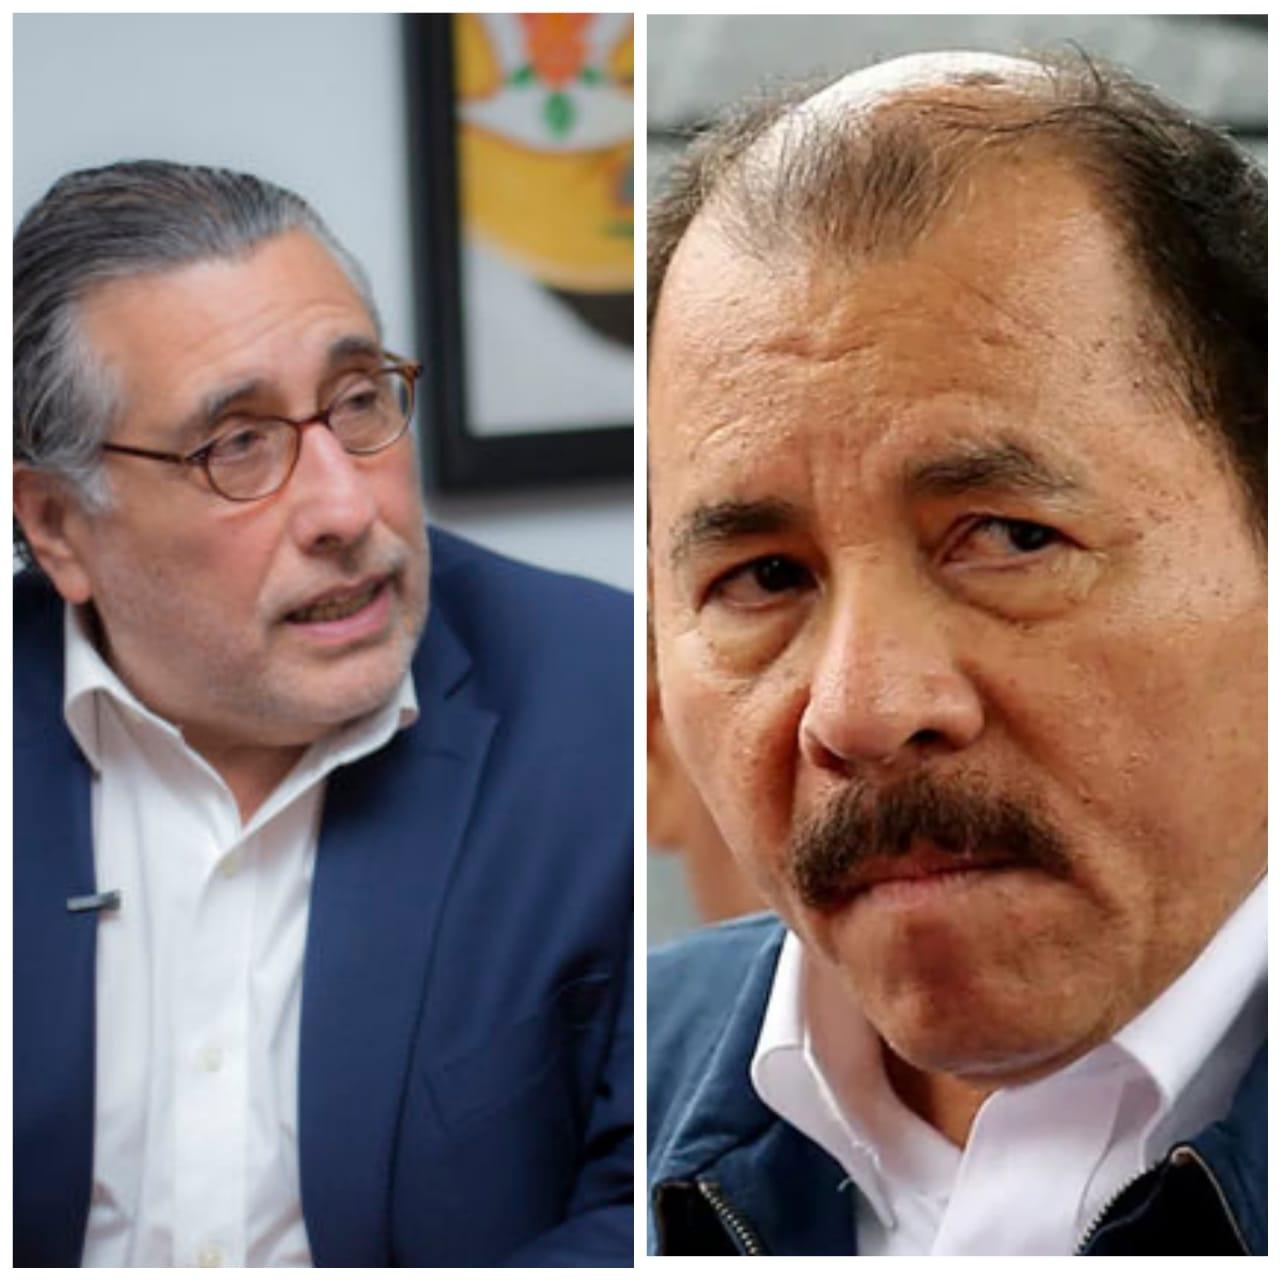 Empresa privada continúa reaccionando a las acusaciones de Ortega: «Somos un pilar fundamental para el desarrollo del país»